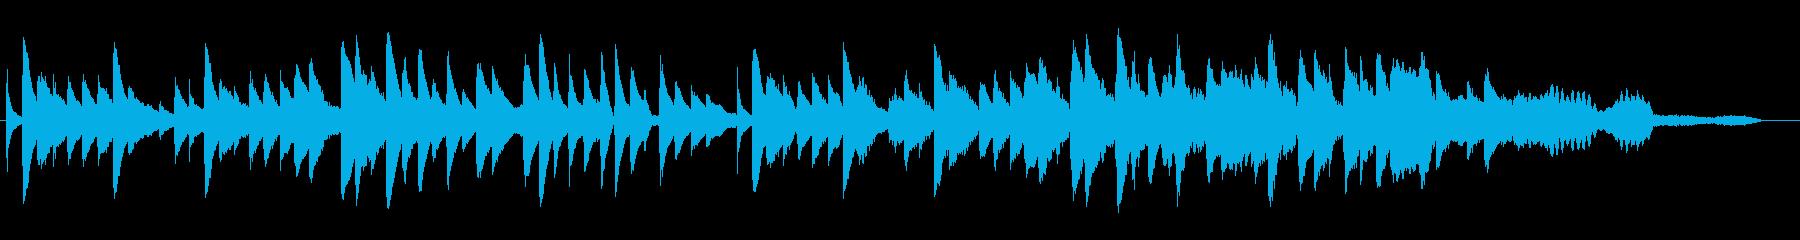 ゆったりとした静かなピアノ曲の再生済みの波形